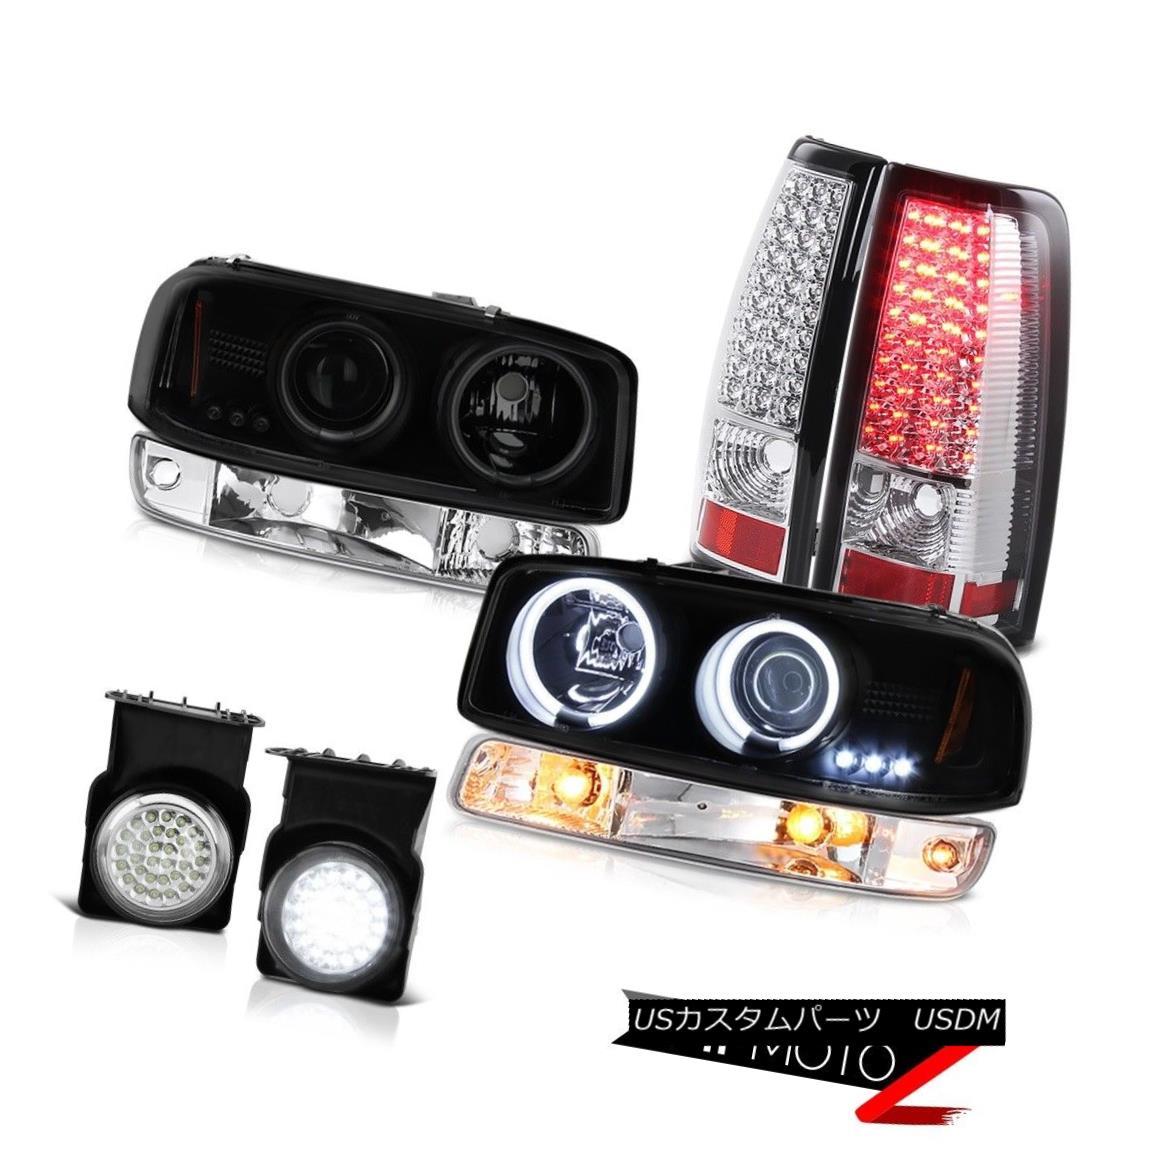 テールライト 03-06 Sierra 4.3L Foglights led taillamps signal lamp ccfl headlamps Halo Rim 03-06シエラ4.3Lフォグライトはテールランプ信号ランプccflヘッドランプHalo Rimを導いた